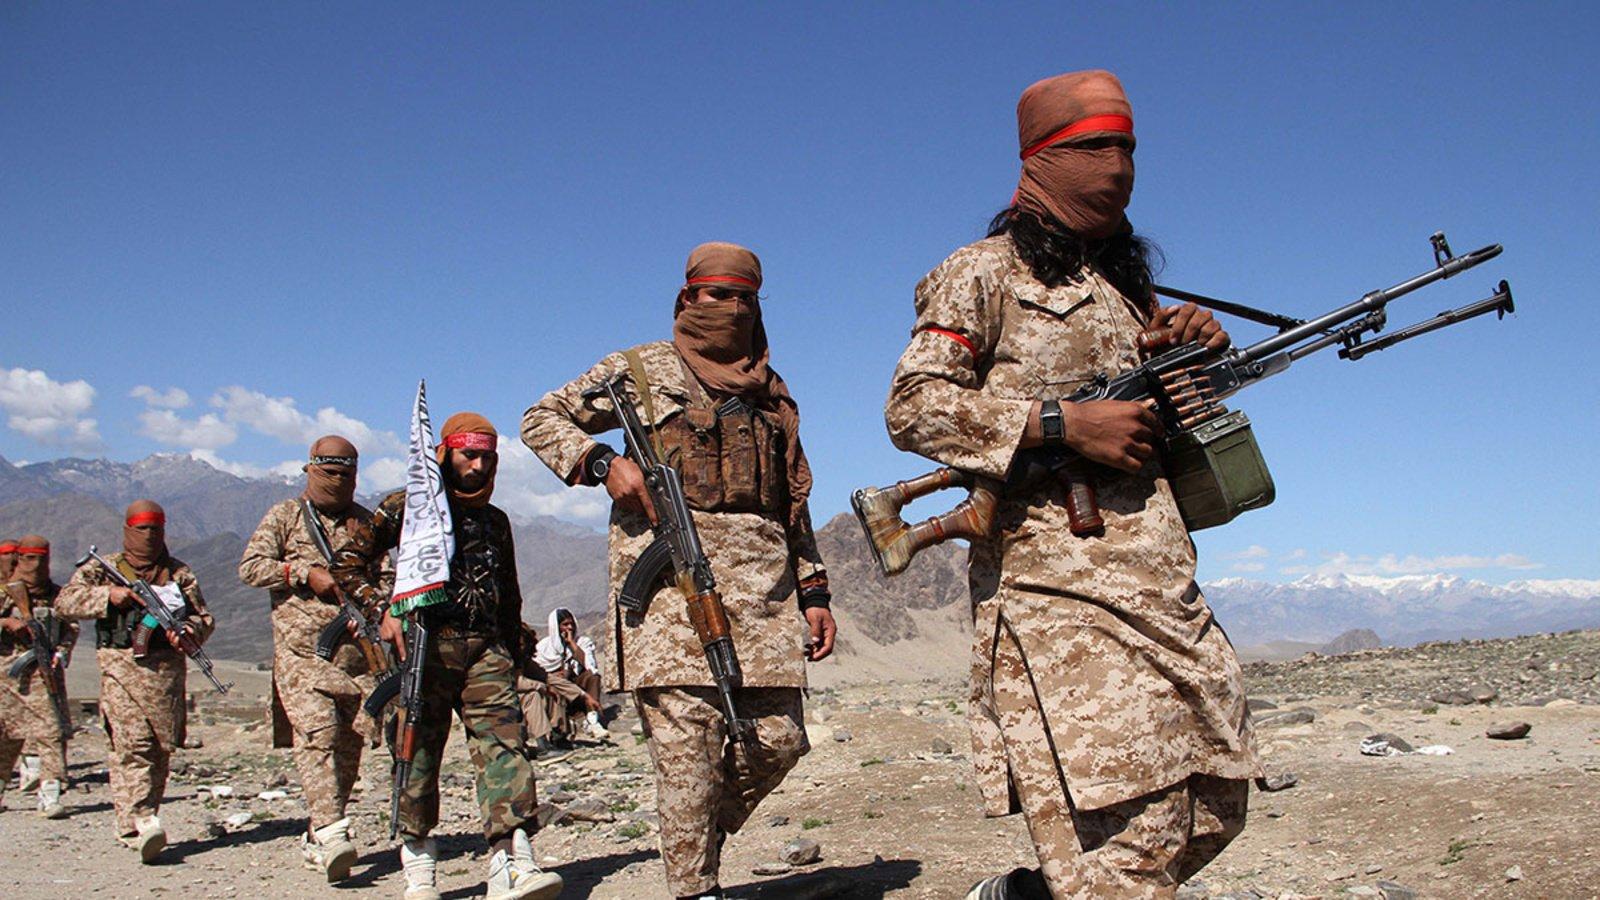 Combattants talibans participant à un rassemblement pour célébrer l'accord avec les Américains en Afghanistan en mars 2020. Combattants talibans participant à un rassemblement pour célébrer l'accord avec les Américains en Afghanistan en mars 2020. (Source : CFR)